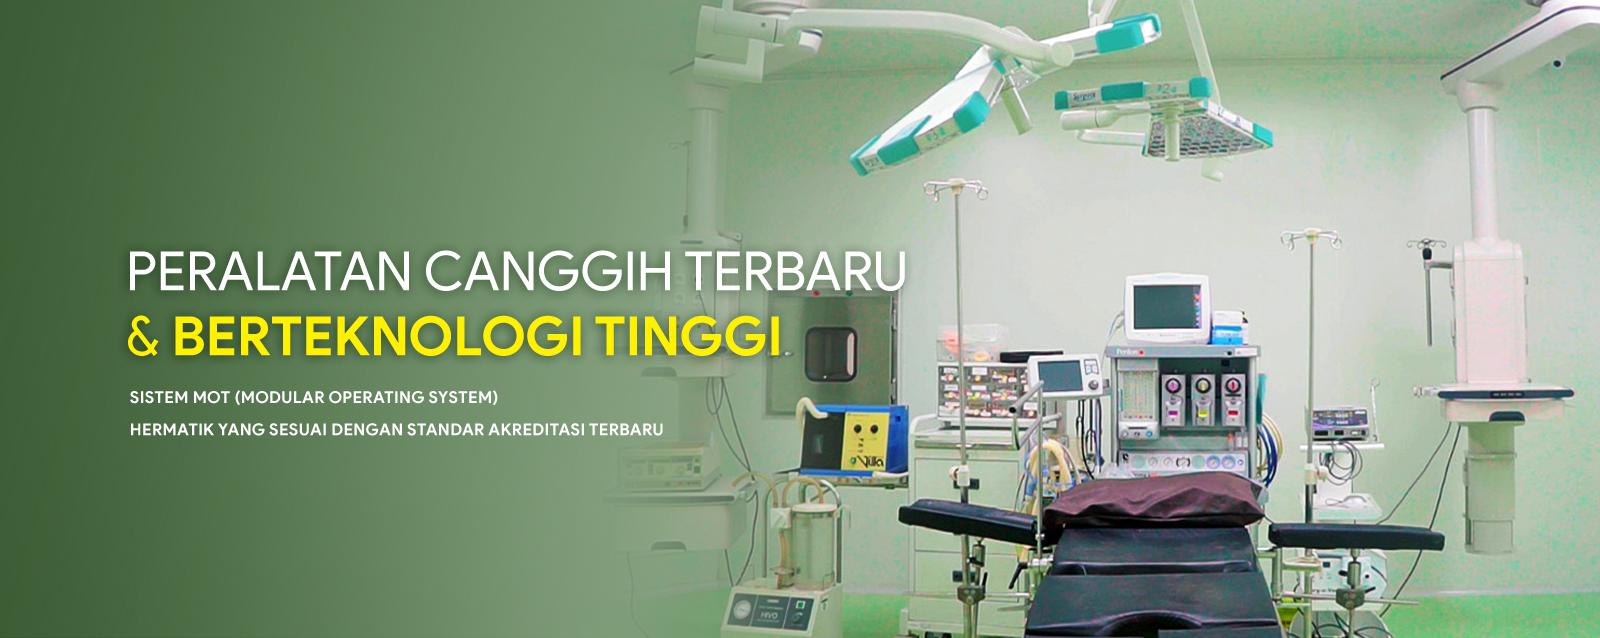 RS-Bhayangkara-Rumah-Sakit-Palembang---Peralatan-Medis-Tercanggih